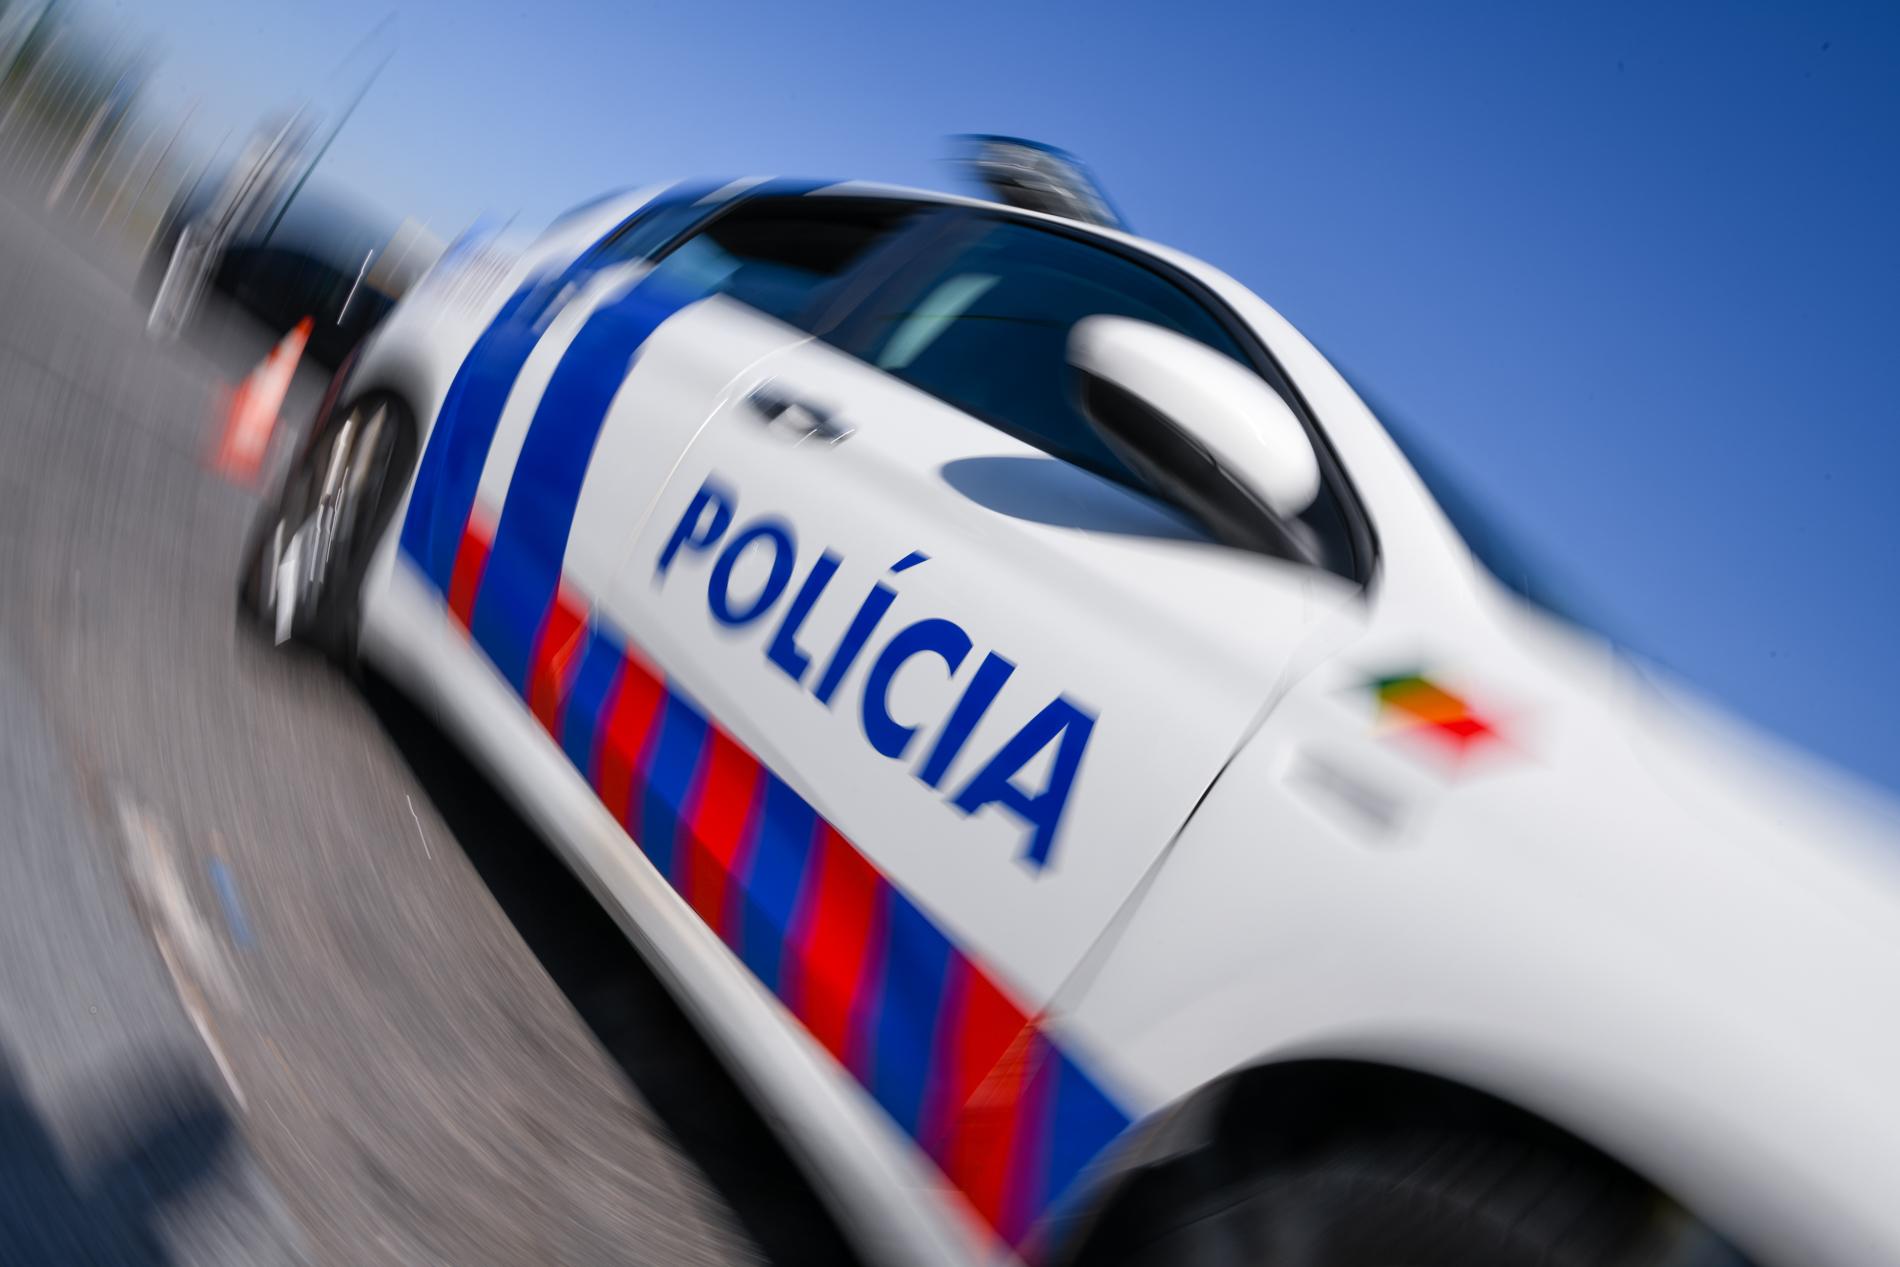 Fotos genérica da PSP polícia